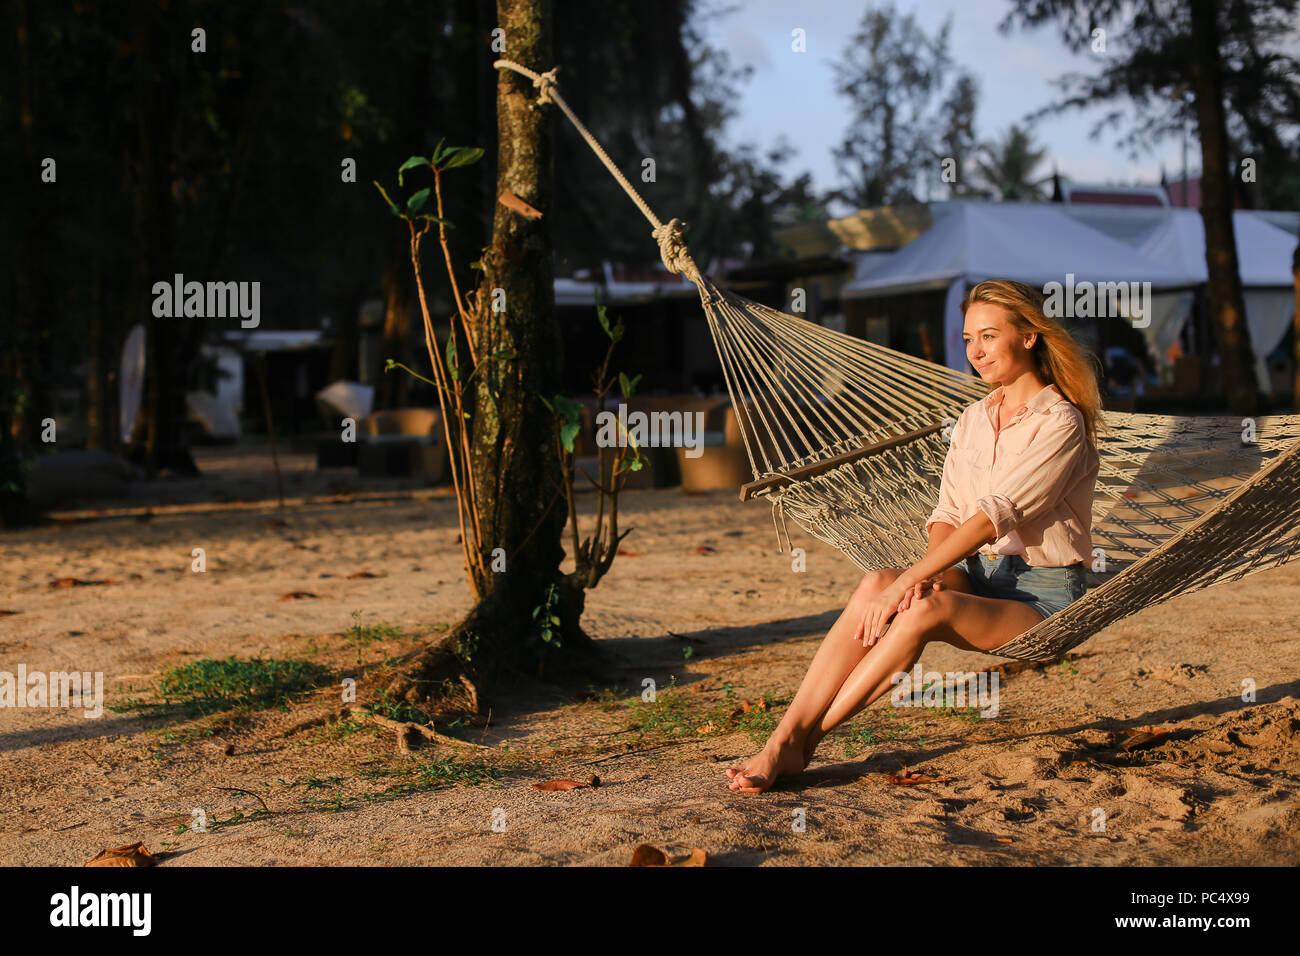 Los jóvenes caucásicos barefoot mujer descansando en la arena en una hamaca de mimbre blanco. Imagen De Stock